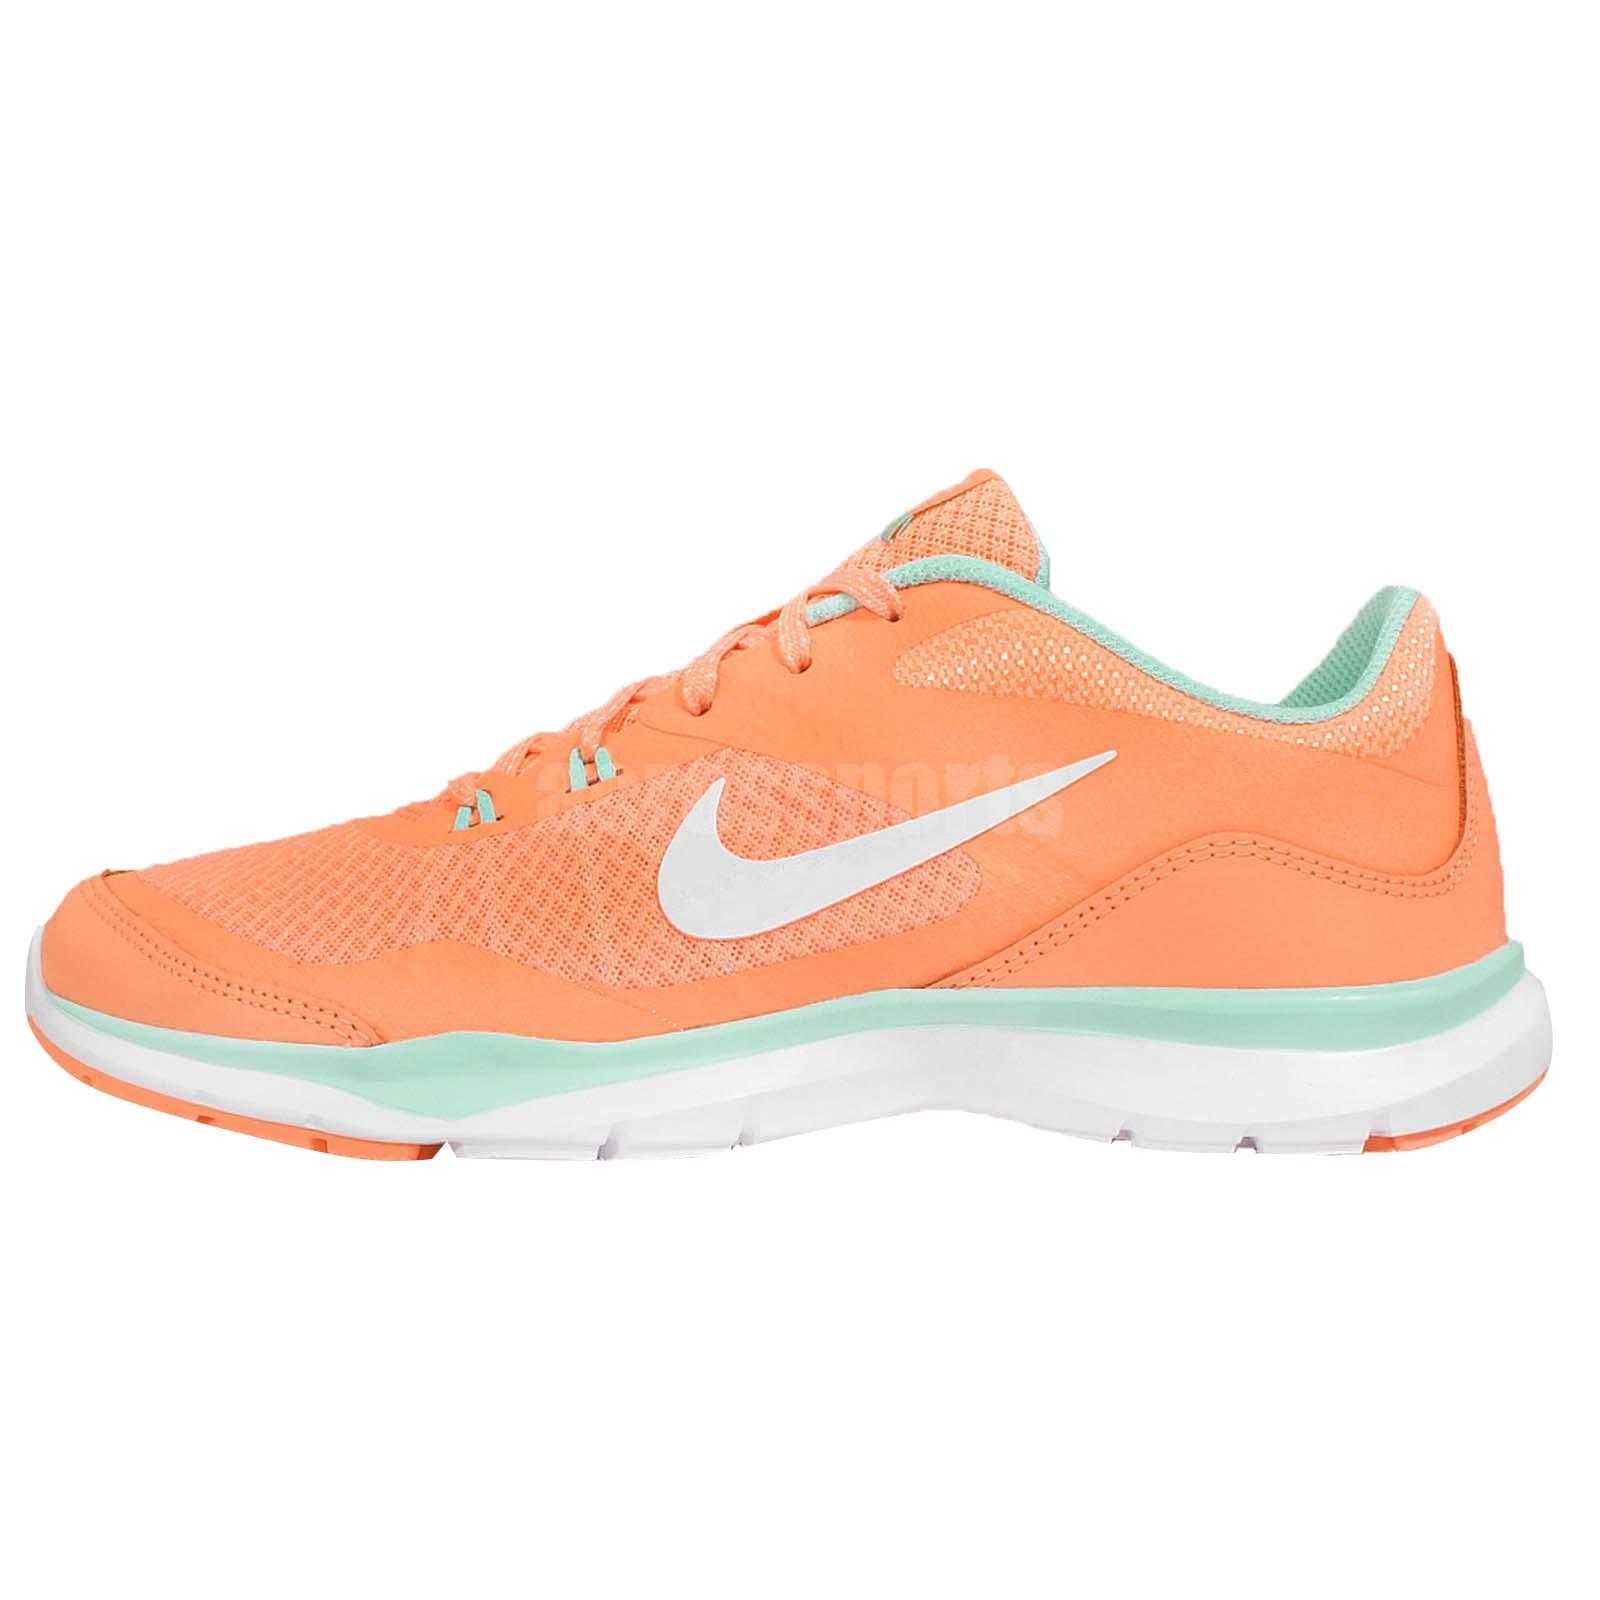 Amazon Uk Cross Trainer Shoes